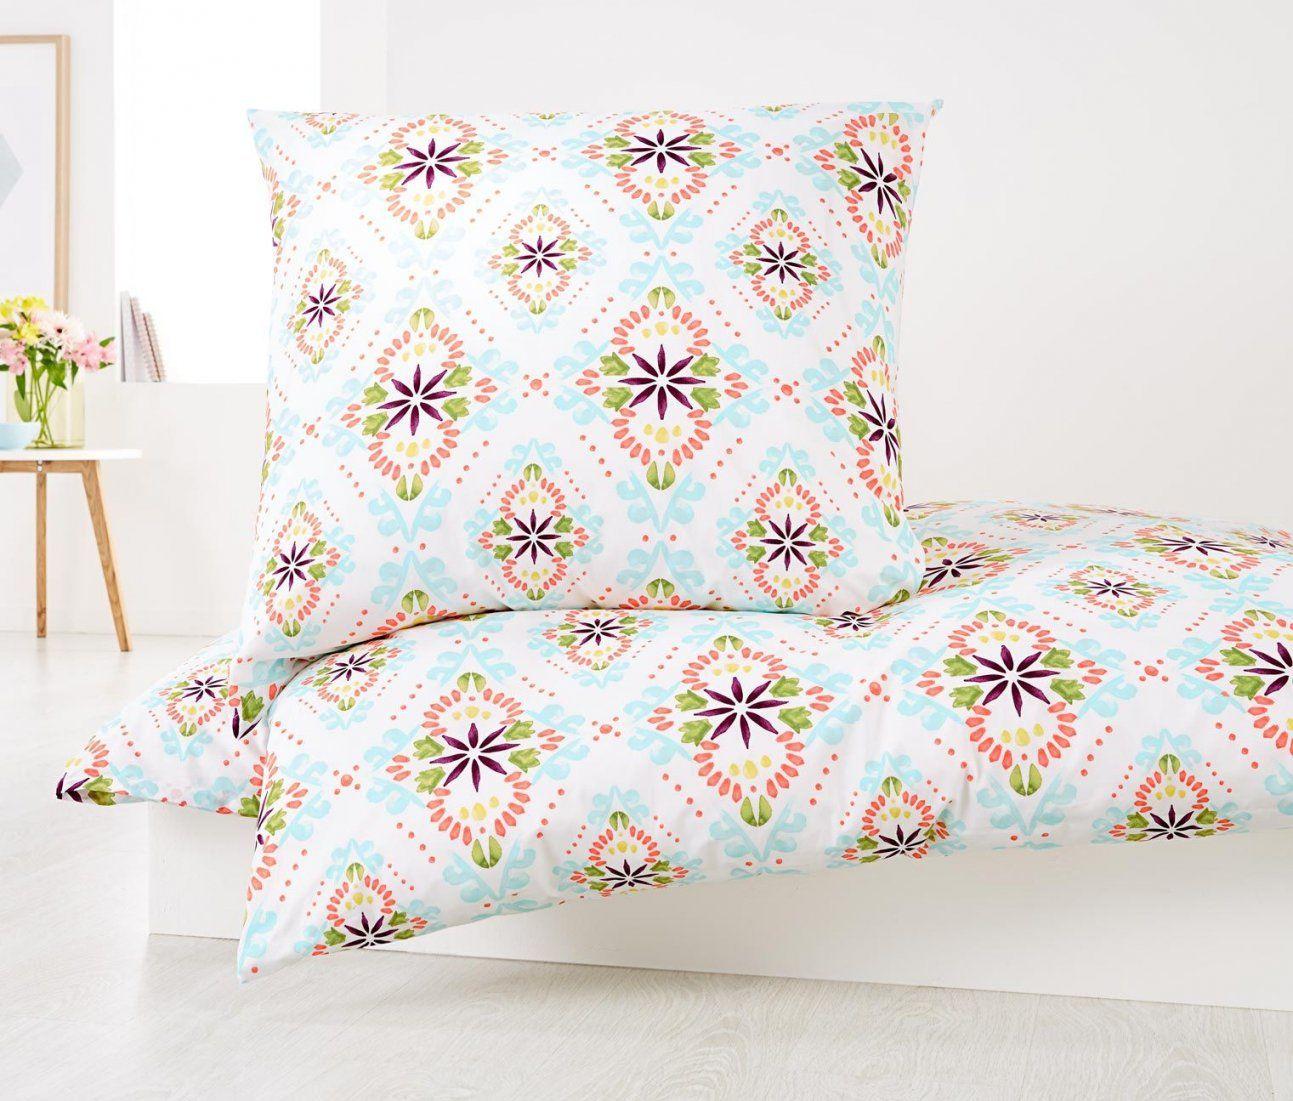 Charmant Bettwaesche Schlafzimmer Gestaltung Jkb Perkal Bettwäsche von Perkal Bettwäsche Tchibo Photo